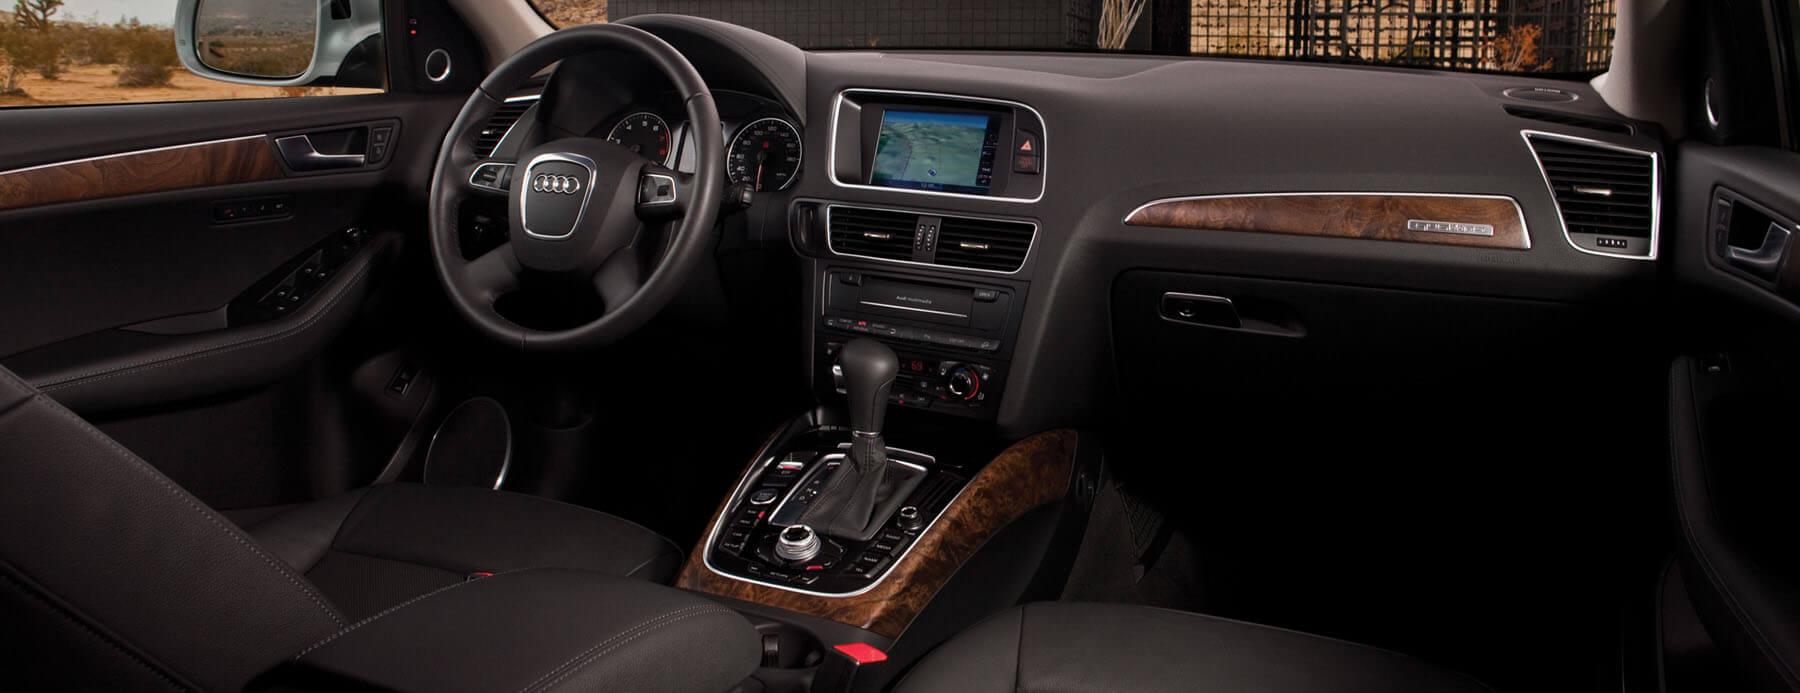 Audi dash kit